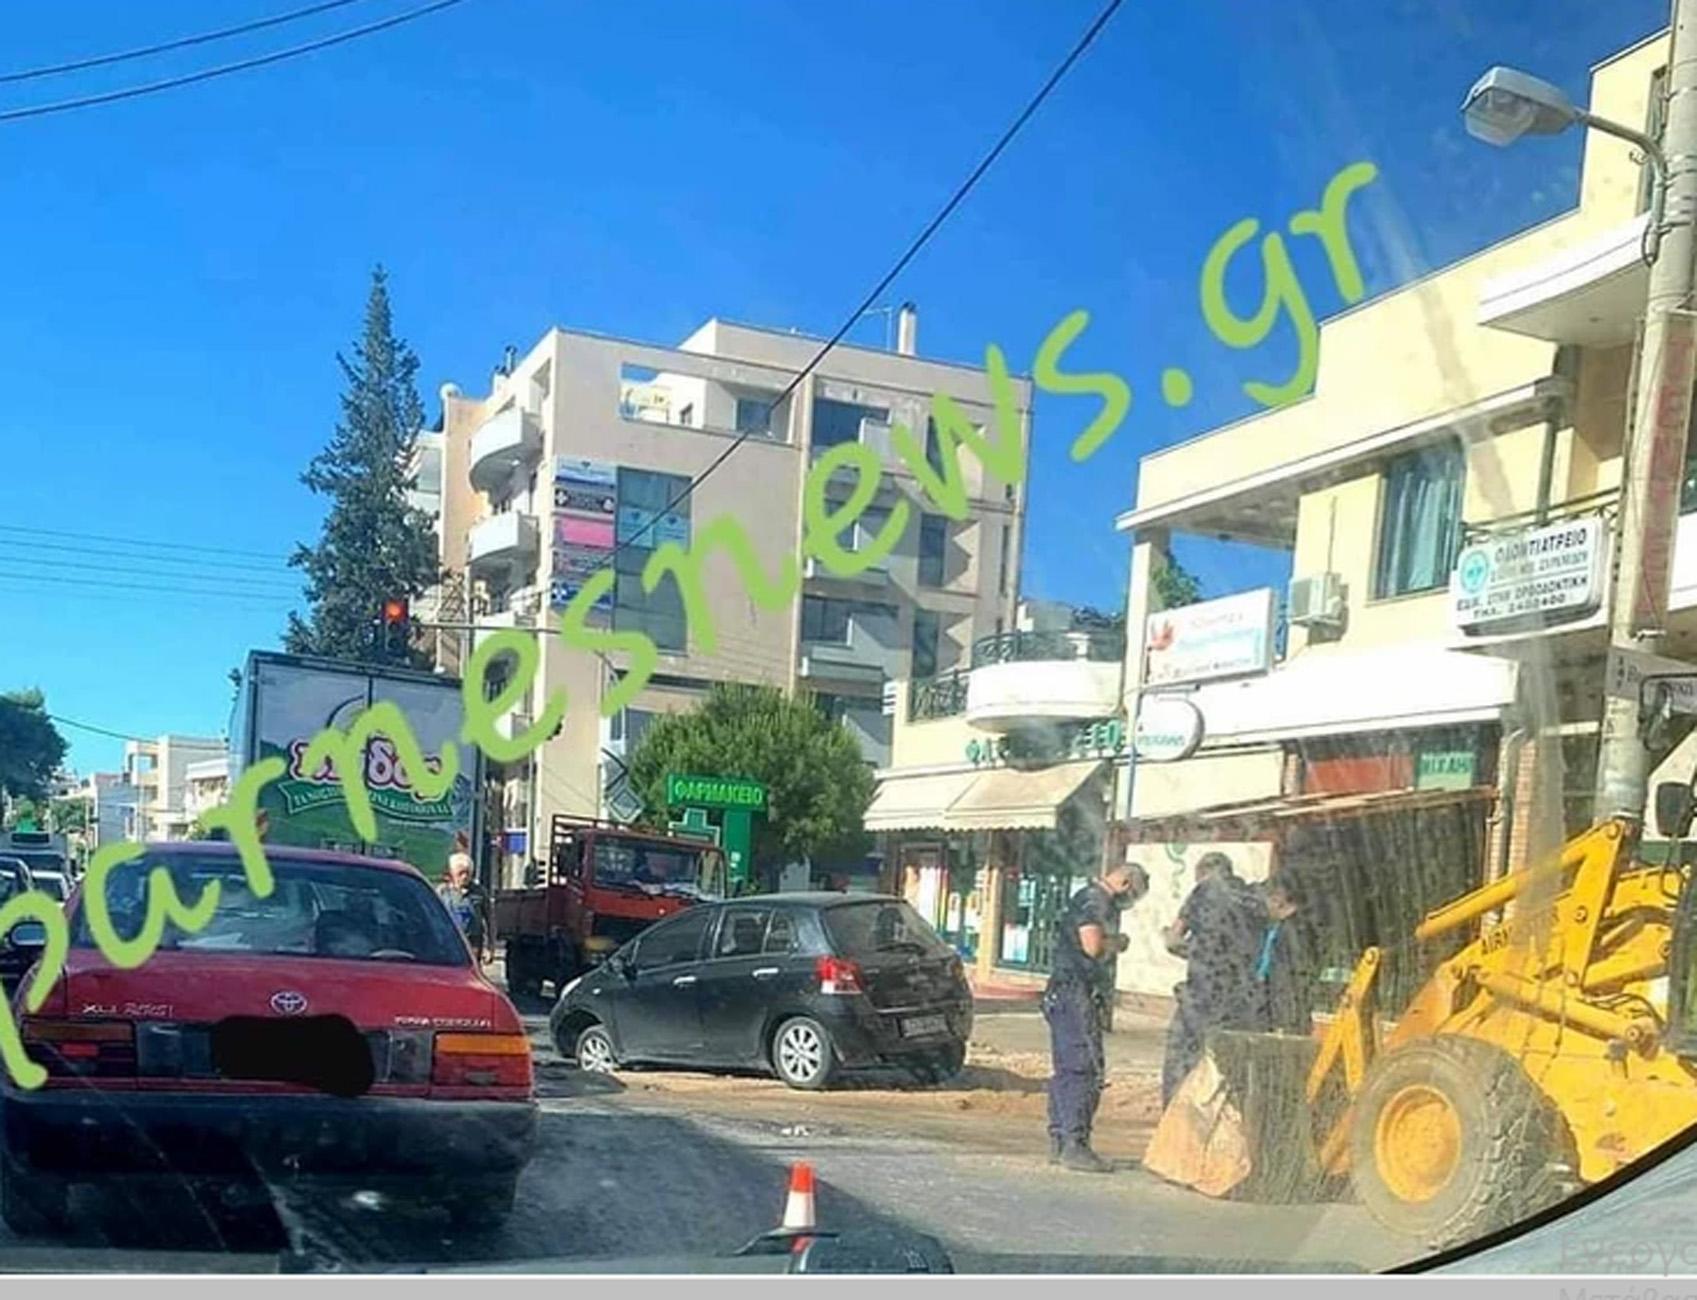 Ο δρόμος κατάπιε ένα αυτοκίνητο στη Λεωφόρο Πάρνηθας (pics)